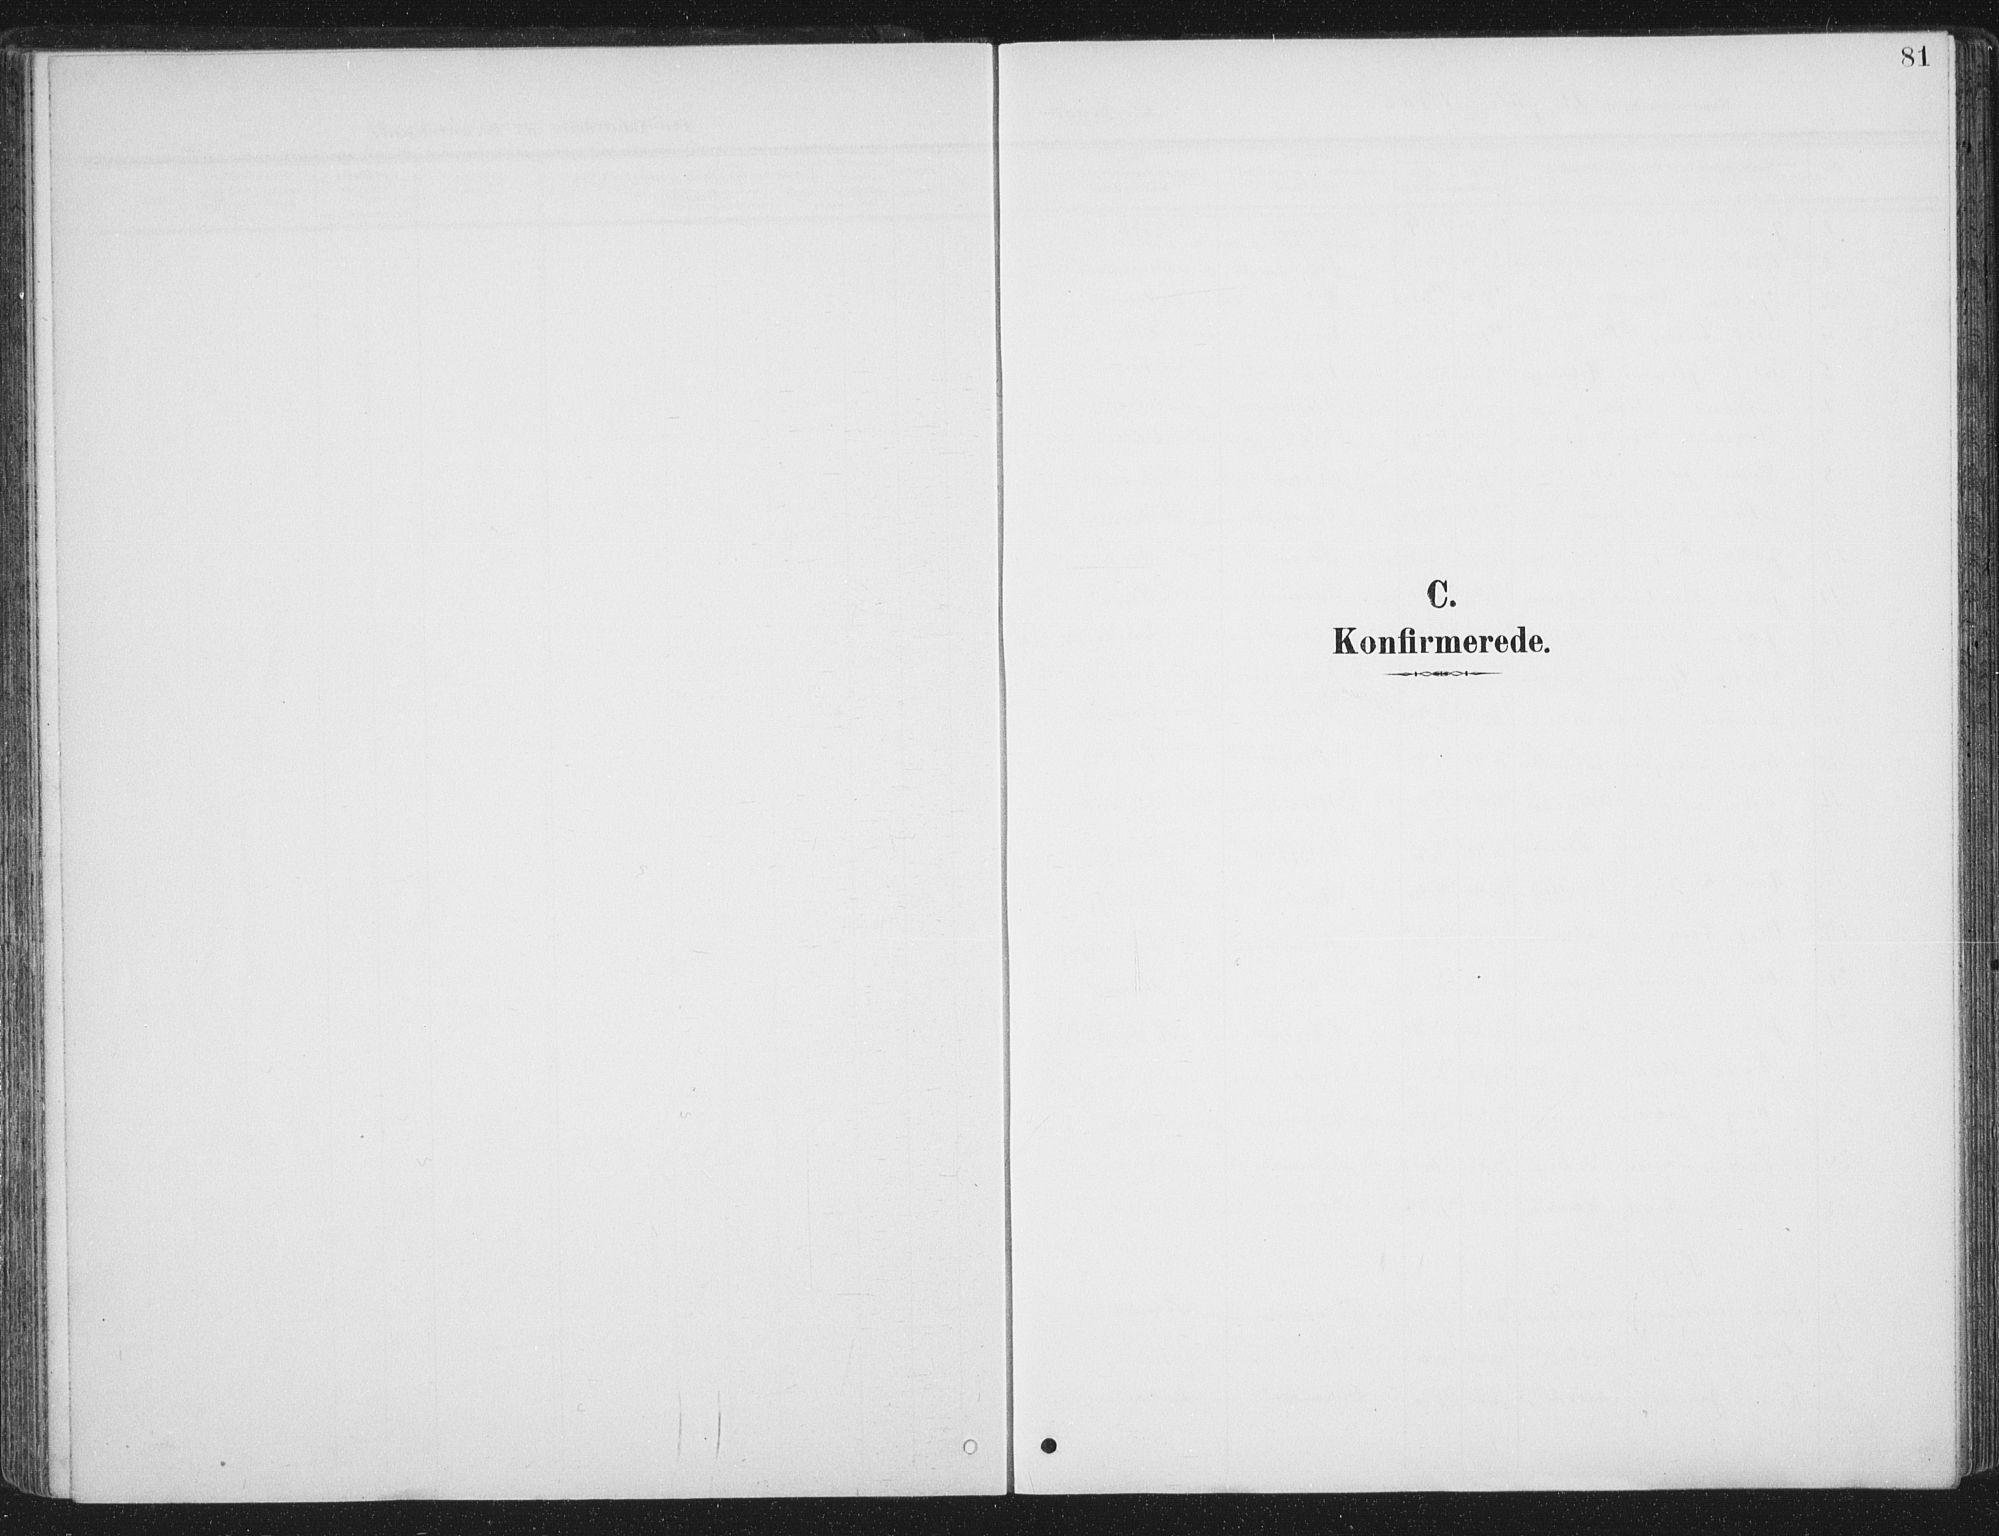 SAT, Ministerialprotokoller, klokkerbøker og fødselsregistre - Sør-Trøndelag, 657/L0709: Ministerialbok nr. 657A10, 1905-1919, s. 81